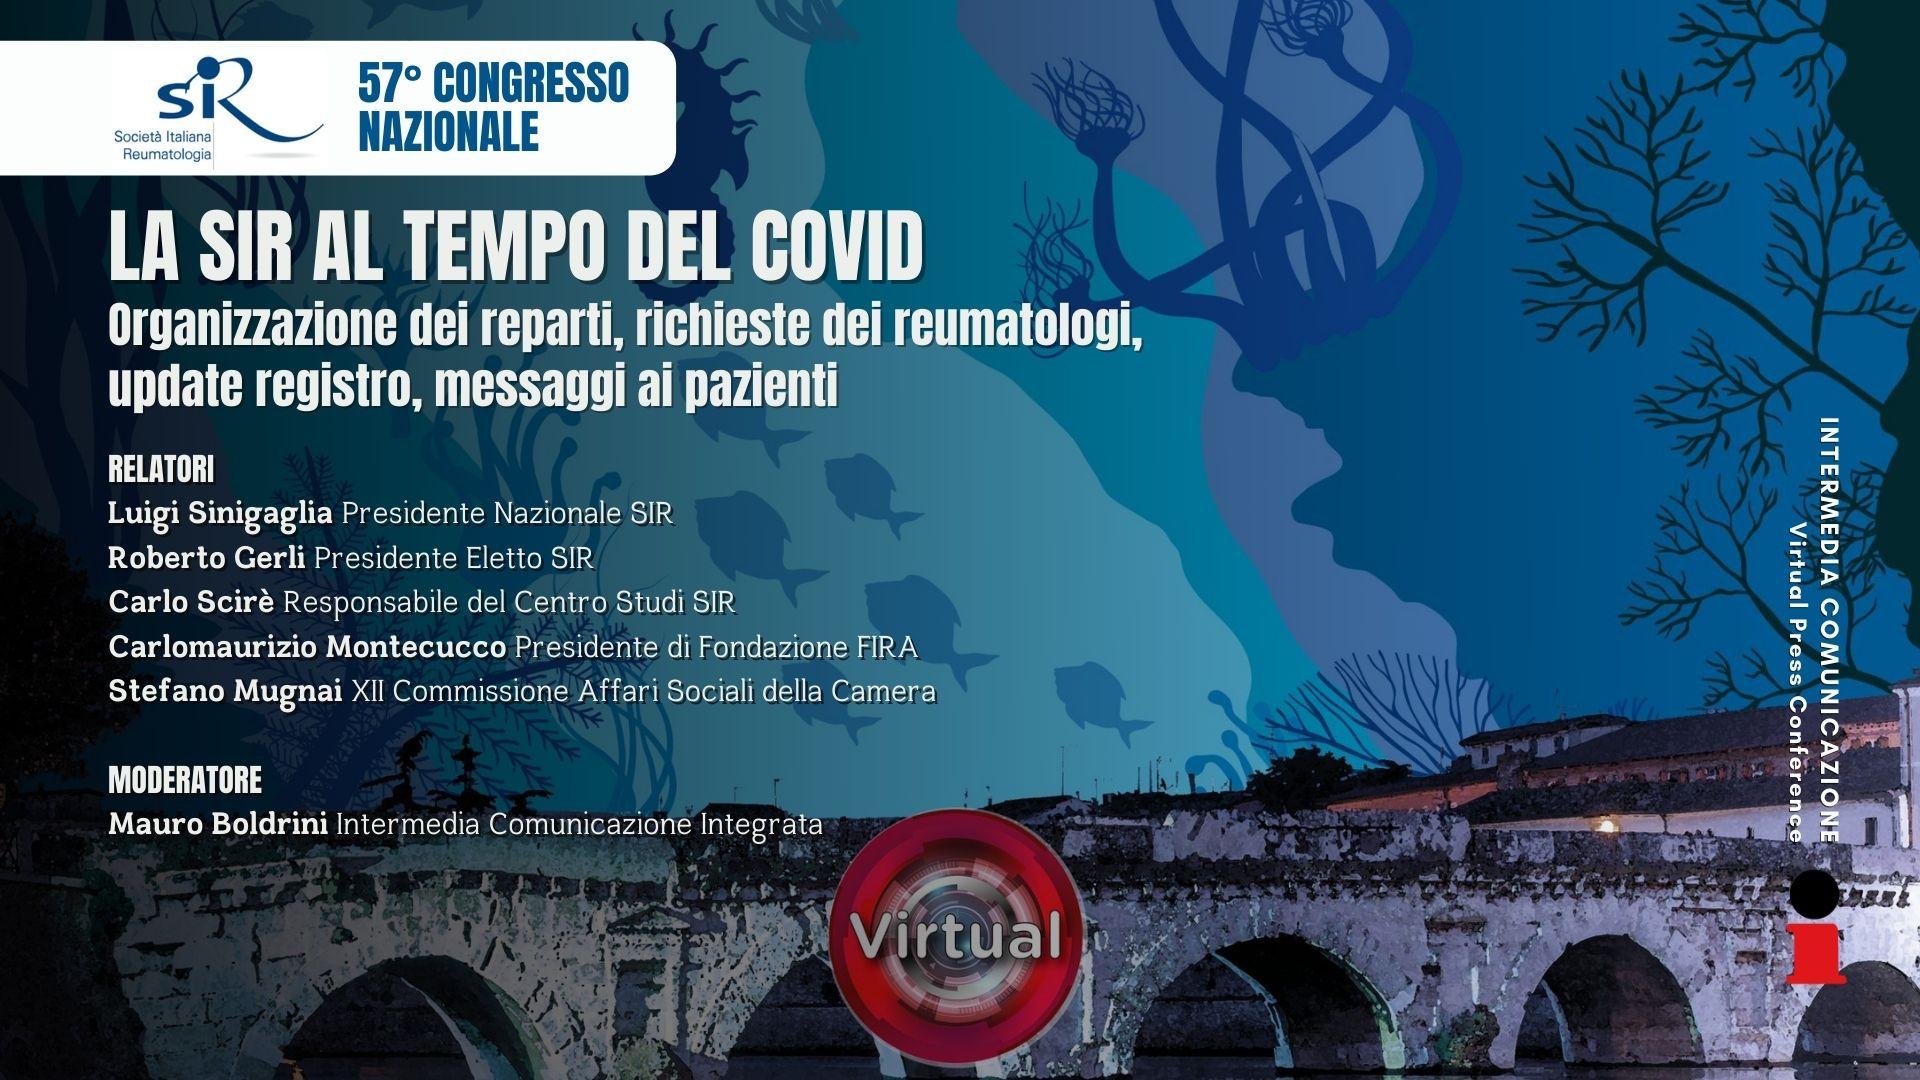 57° Congresso Nazionale SIR - La SIR al tempo del Covid